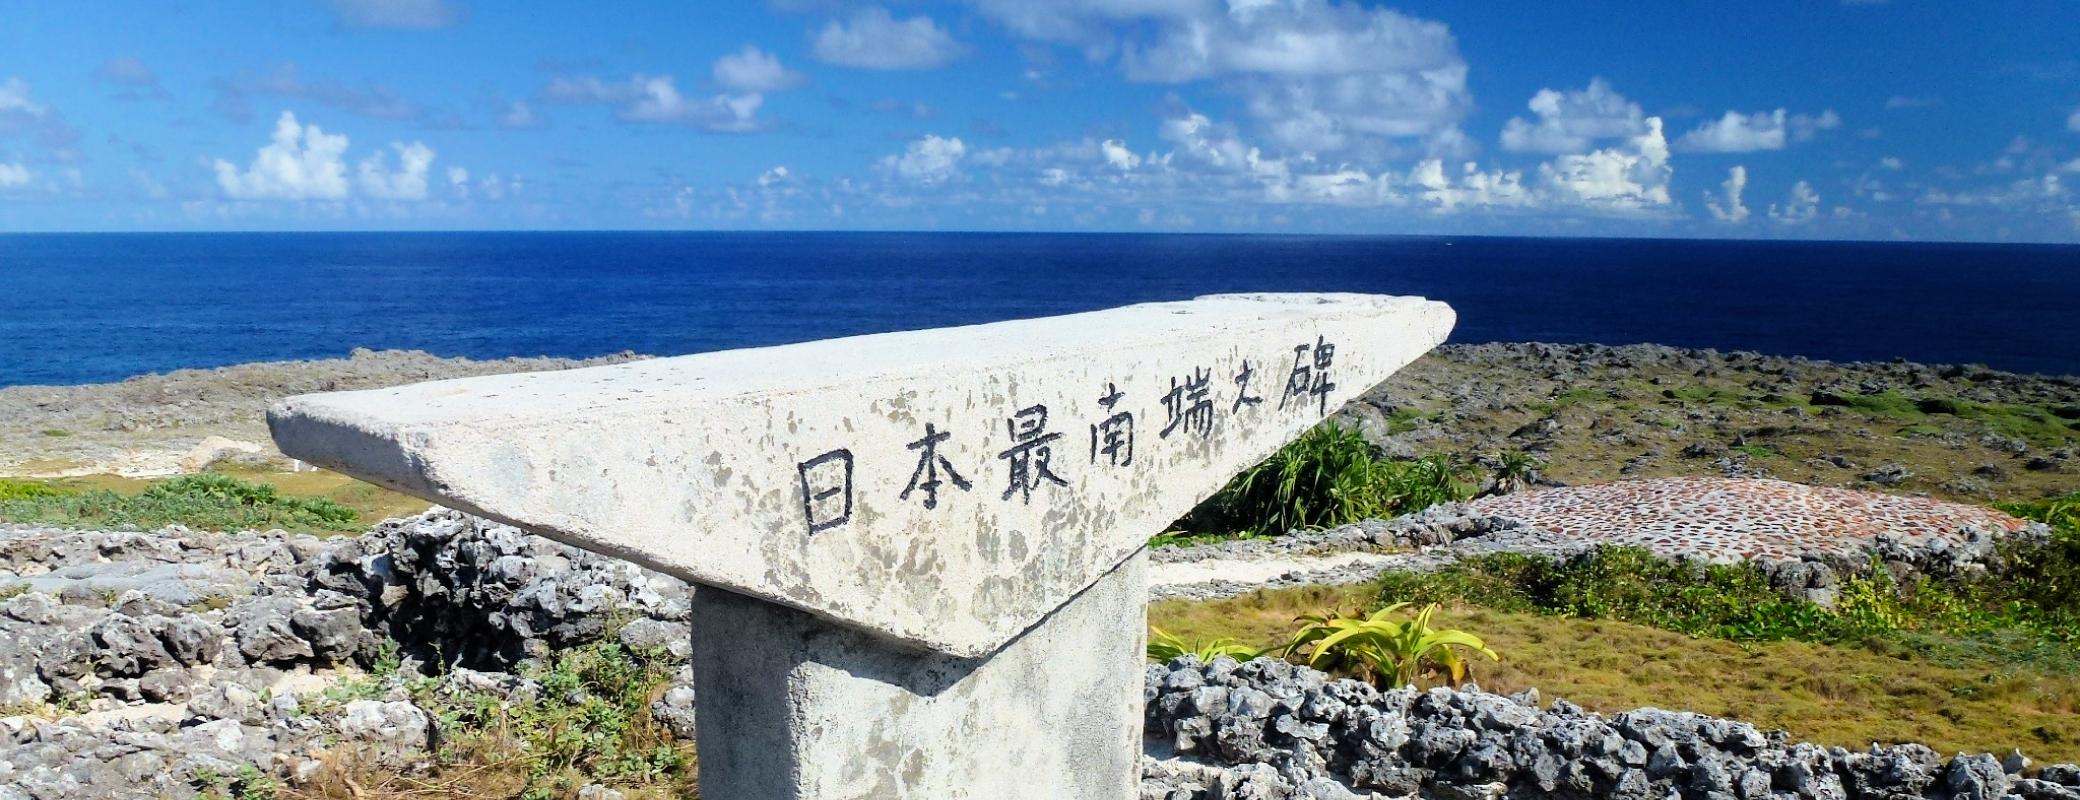 沖縄県竹富町